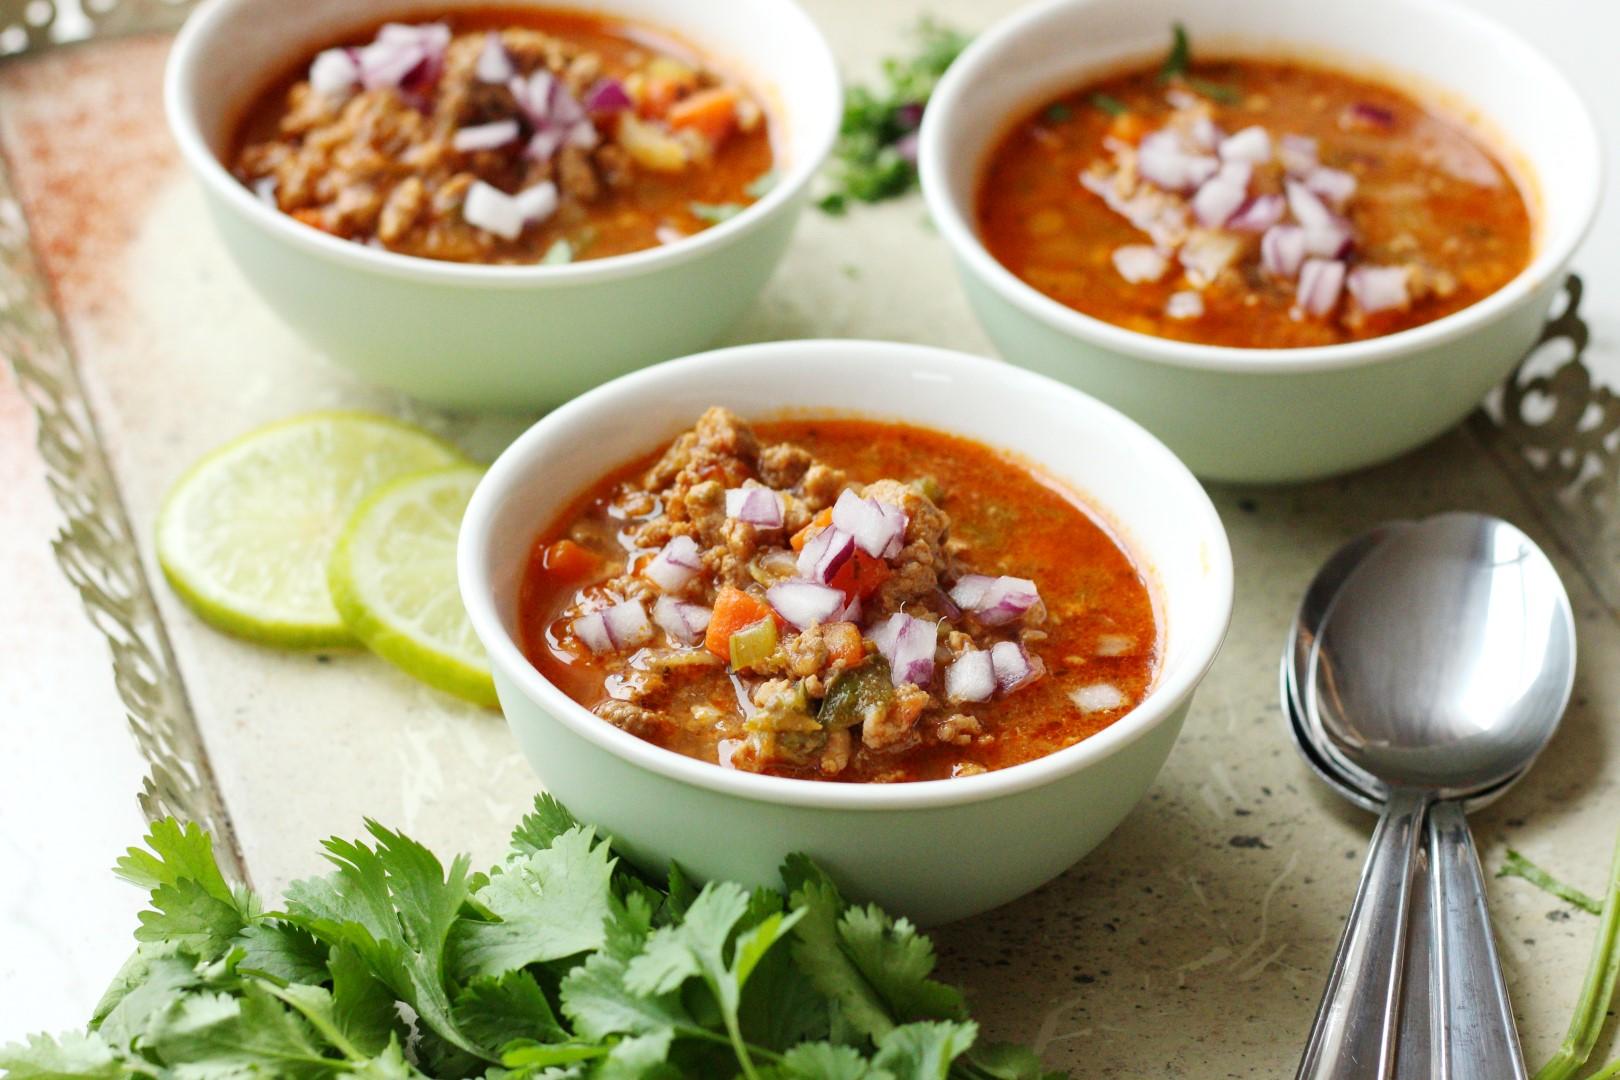 receta de chili con carne y vegetales, cerdo, res, picante, tex mex